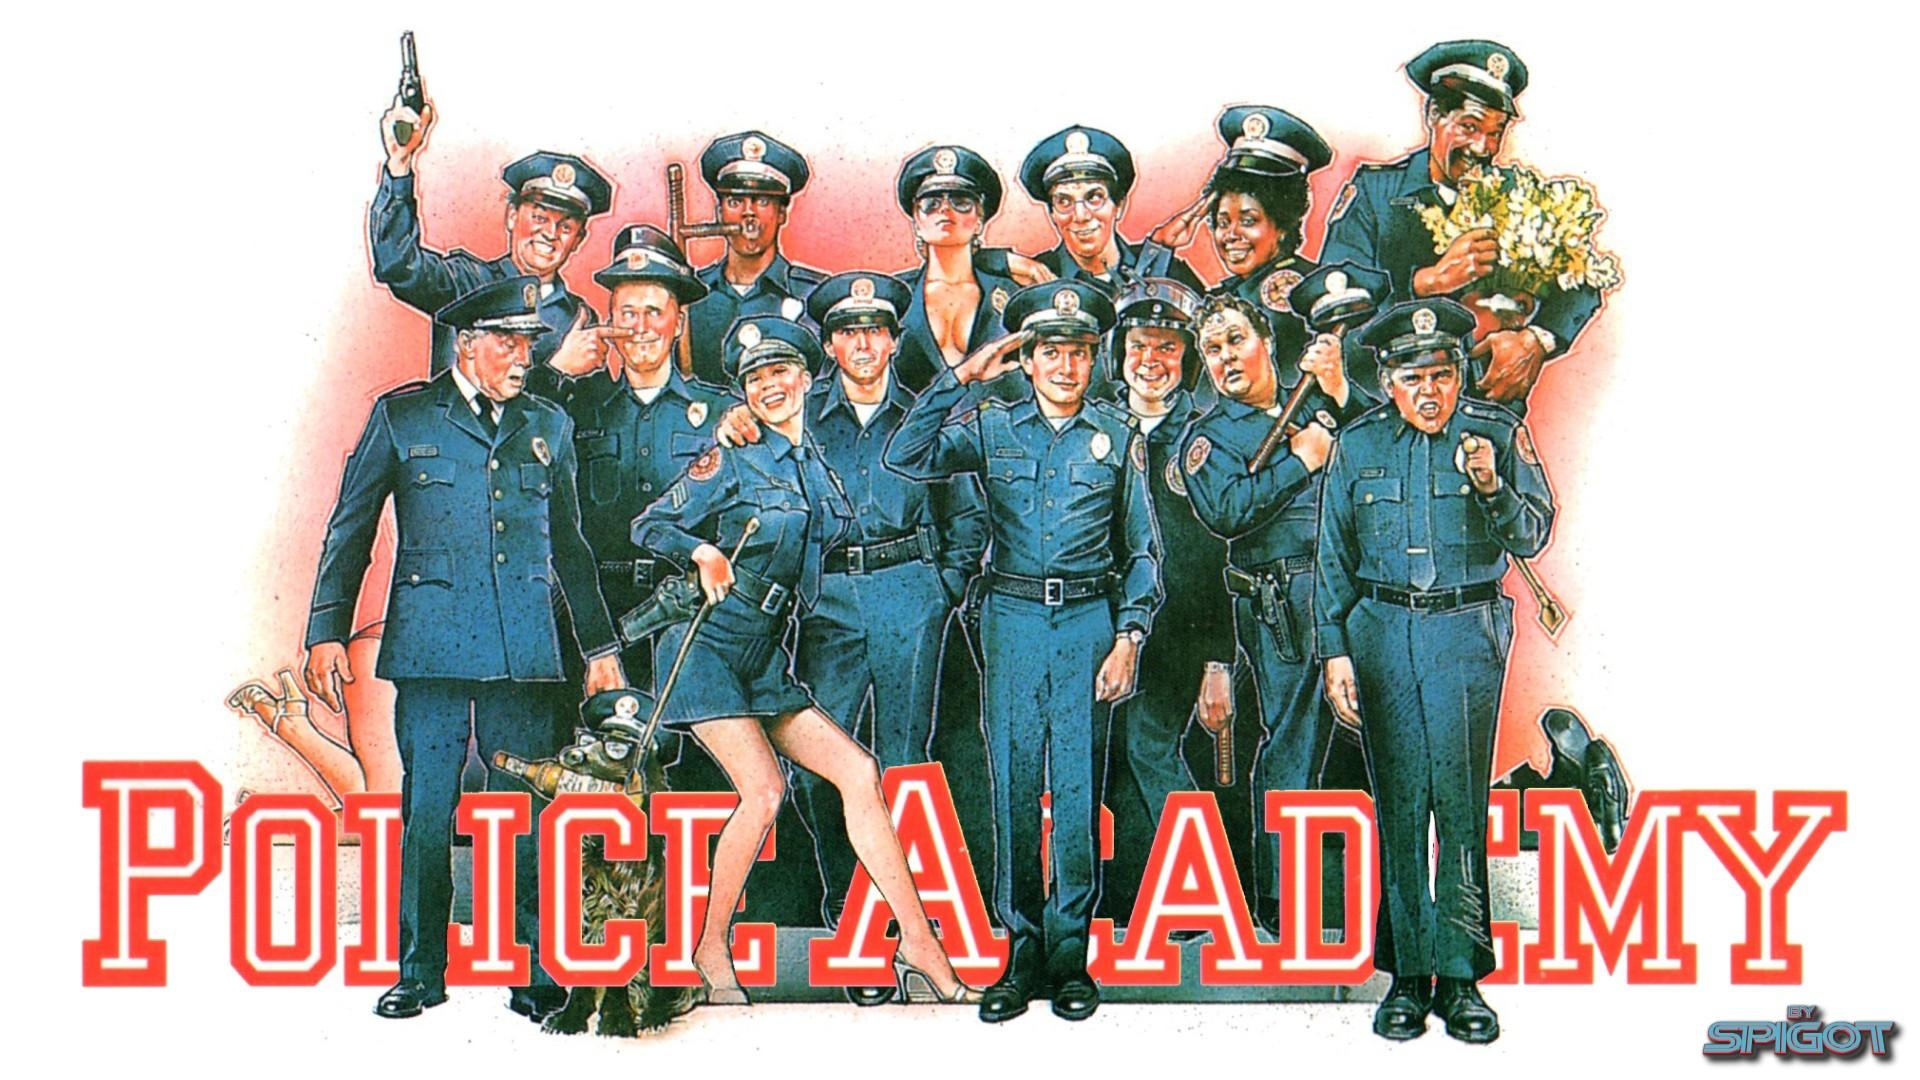 Học Viện Cảnh Sát -  Police Academy - 1984